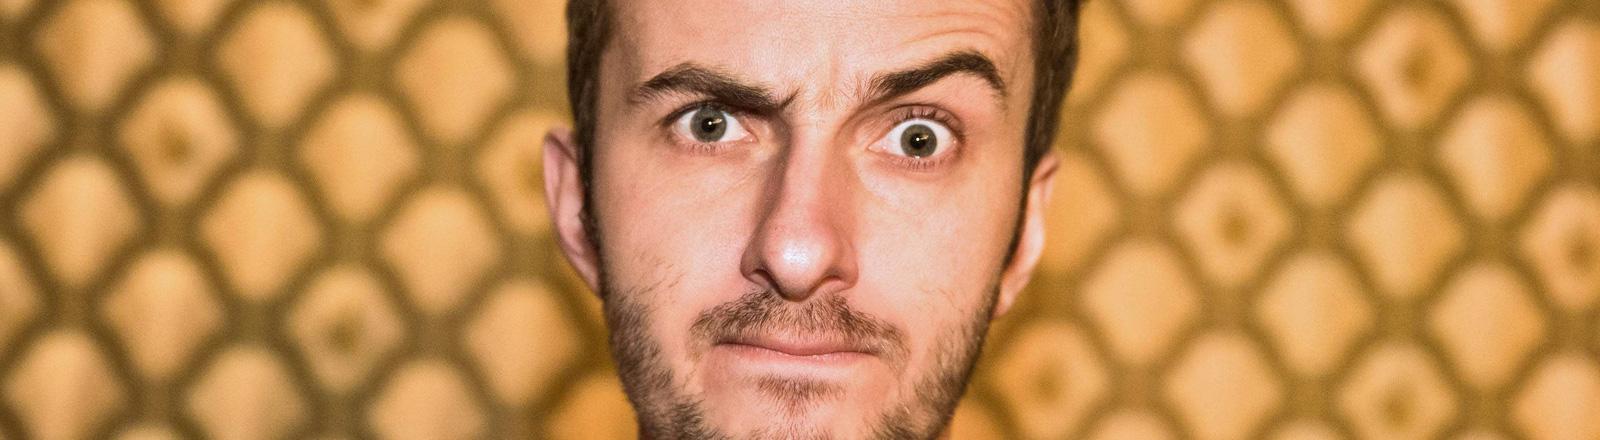 Der Satiriker Jan Böhmermann steht vor einer gelben Tapete mit Muster. Er zieht die linke Augenbraue nach oben.